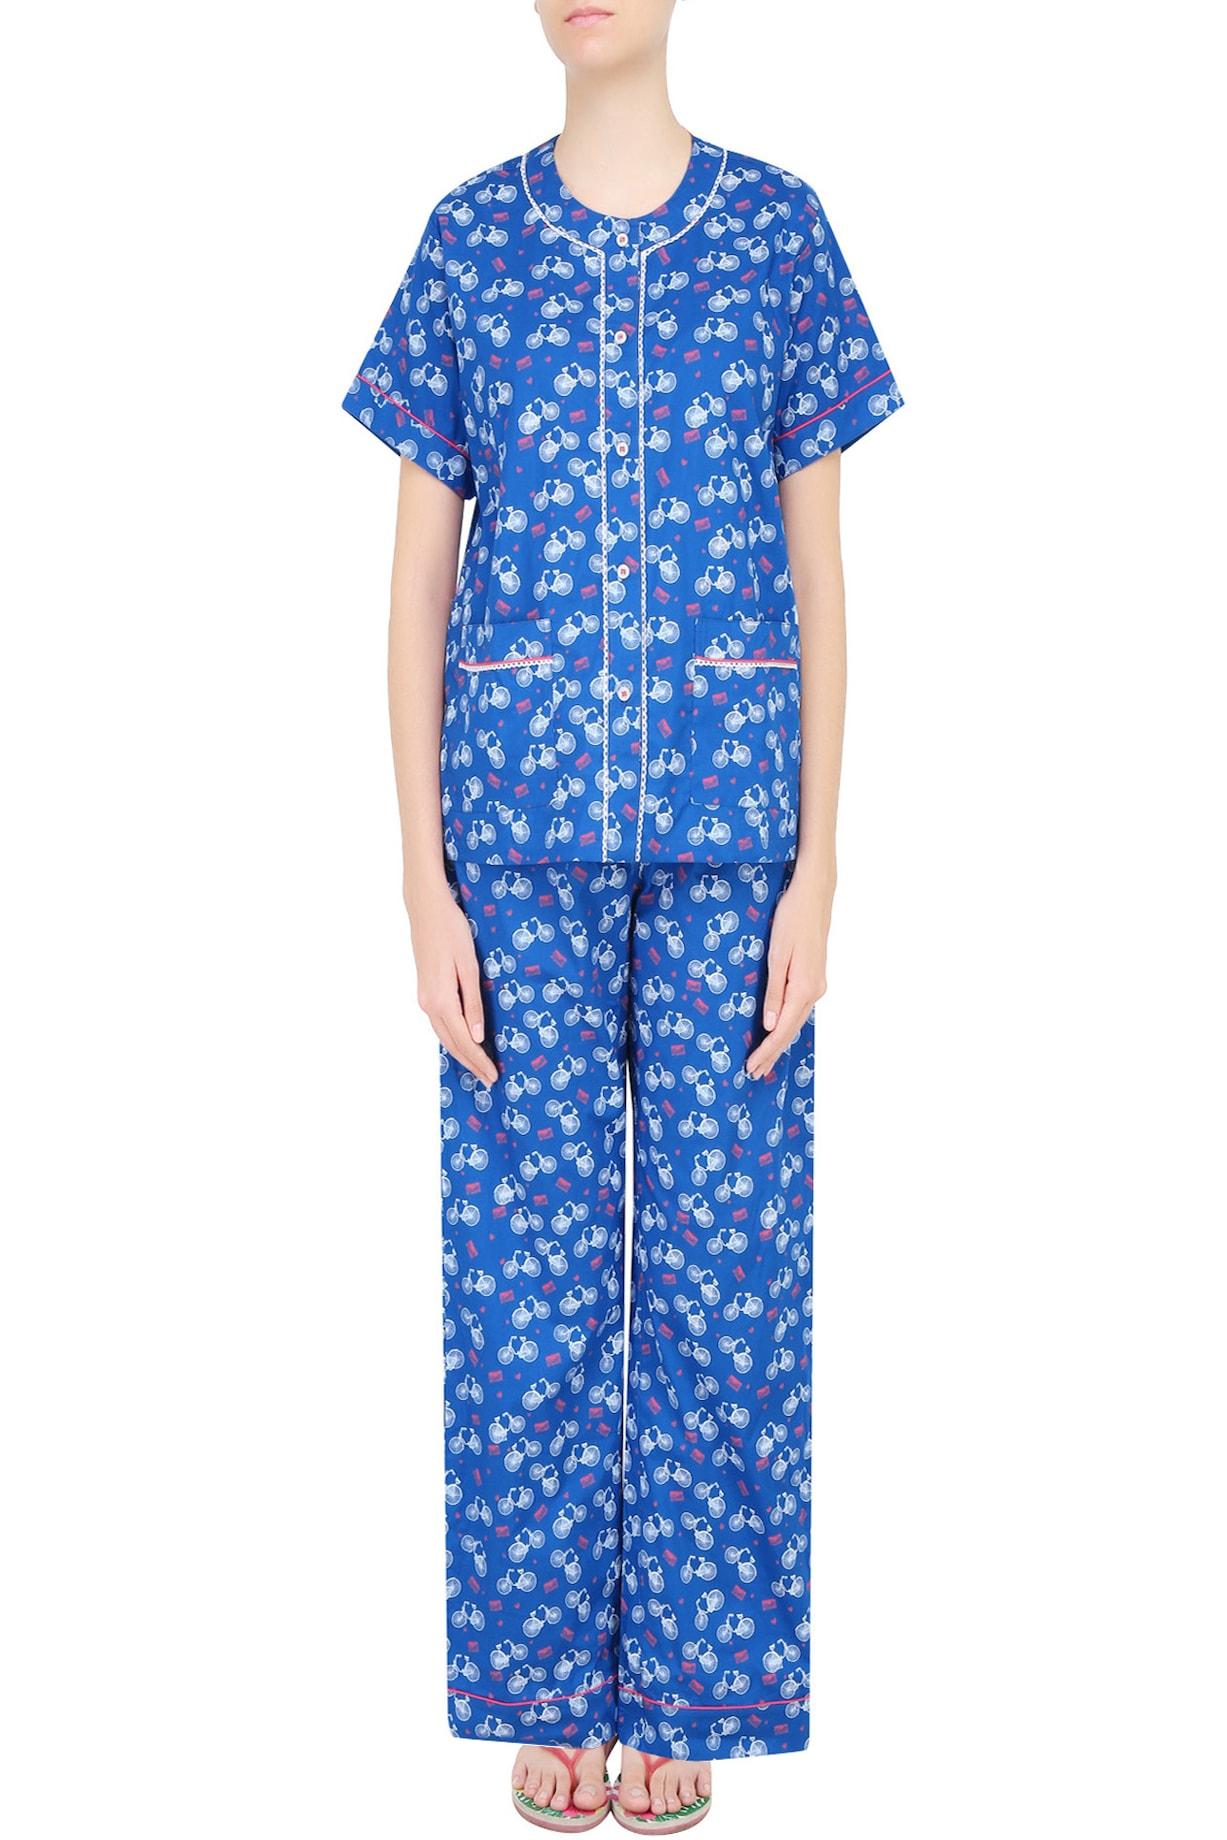 Dandelion Nightwear